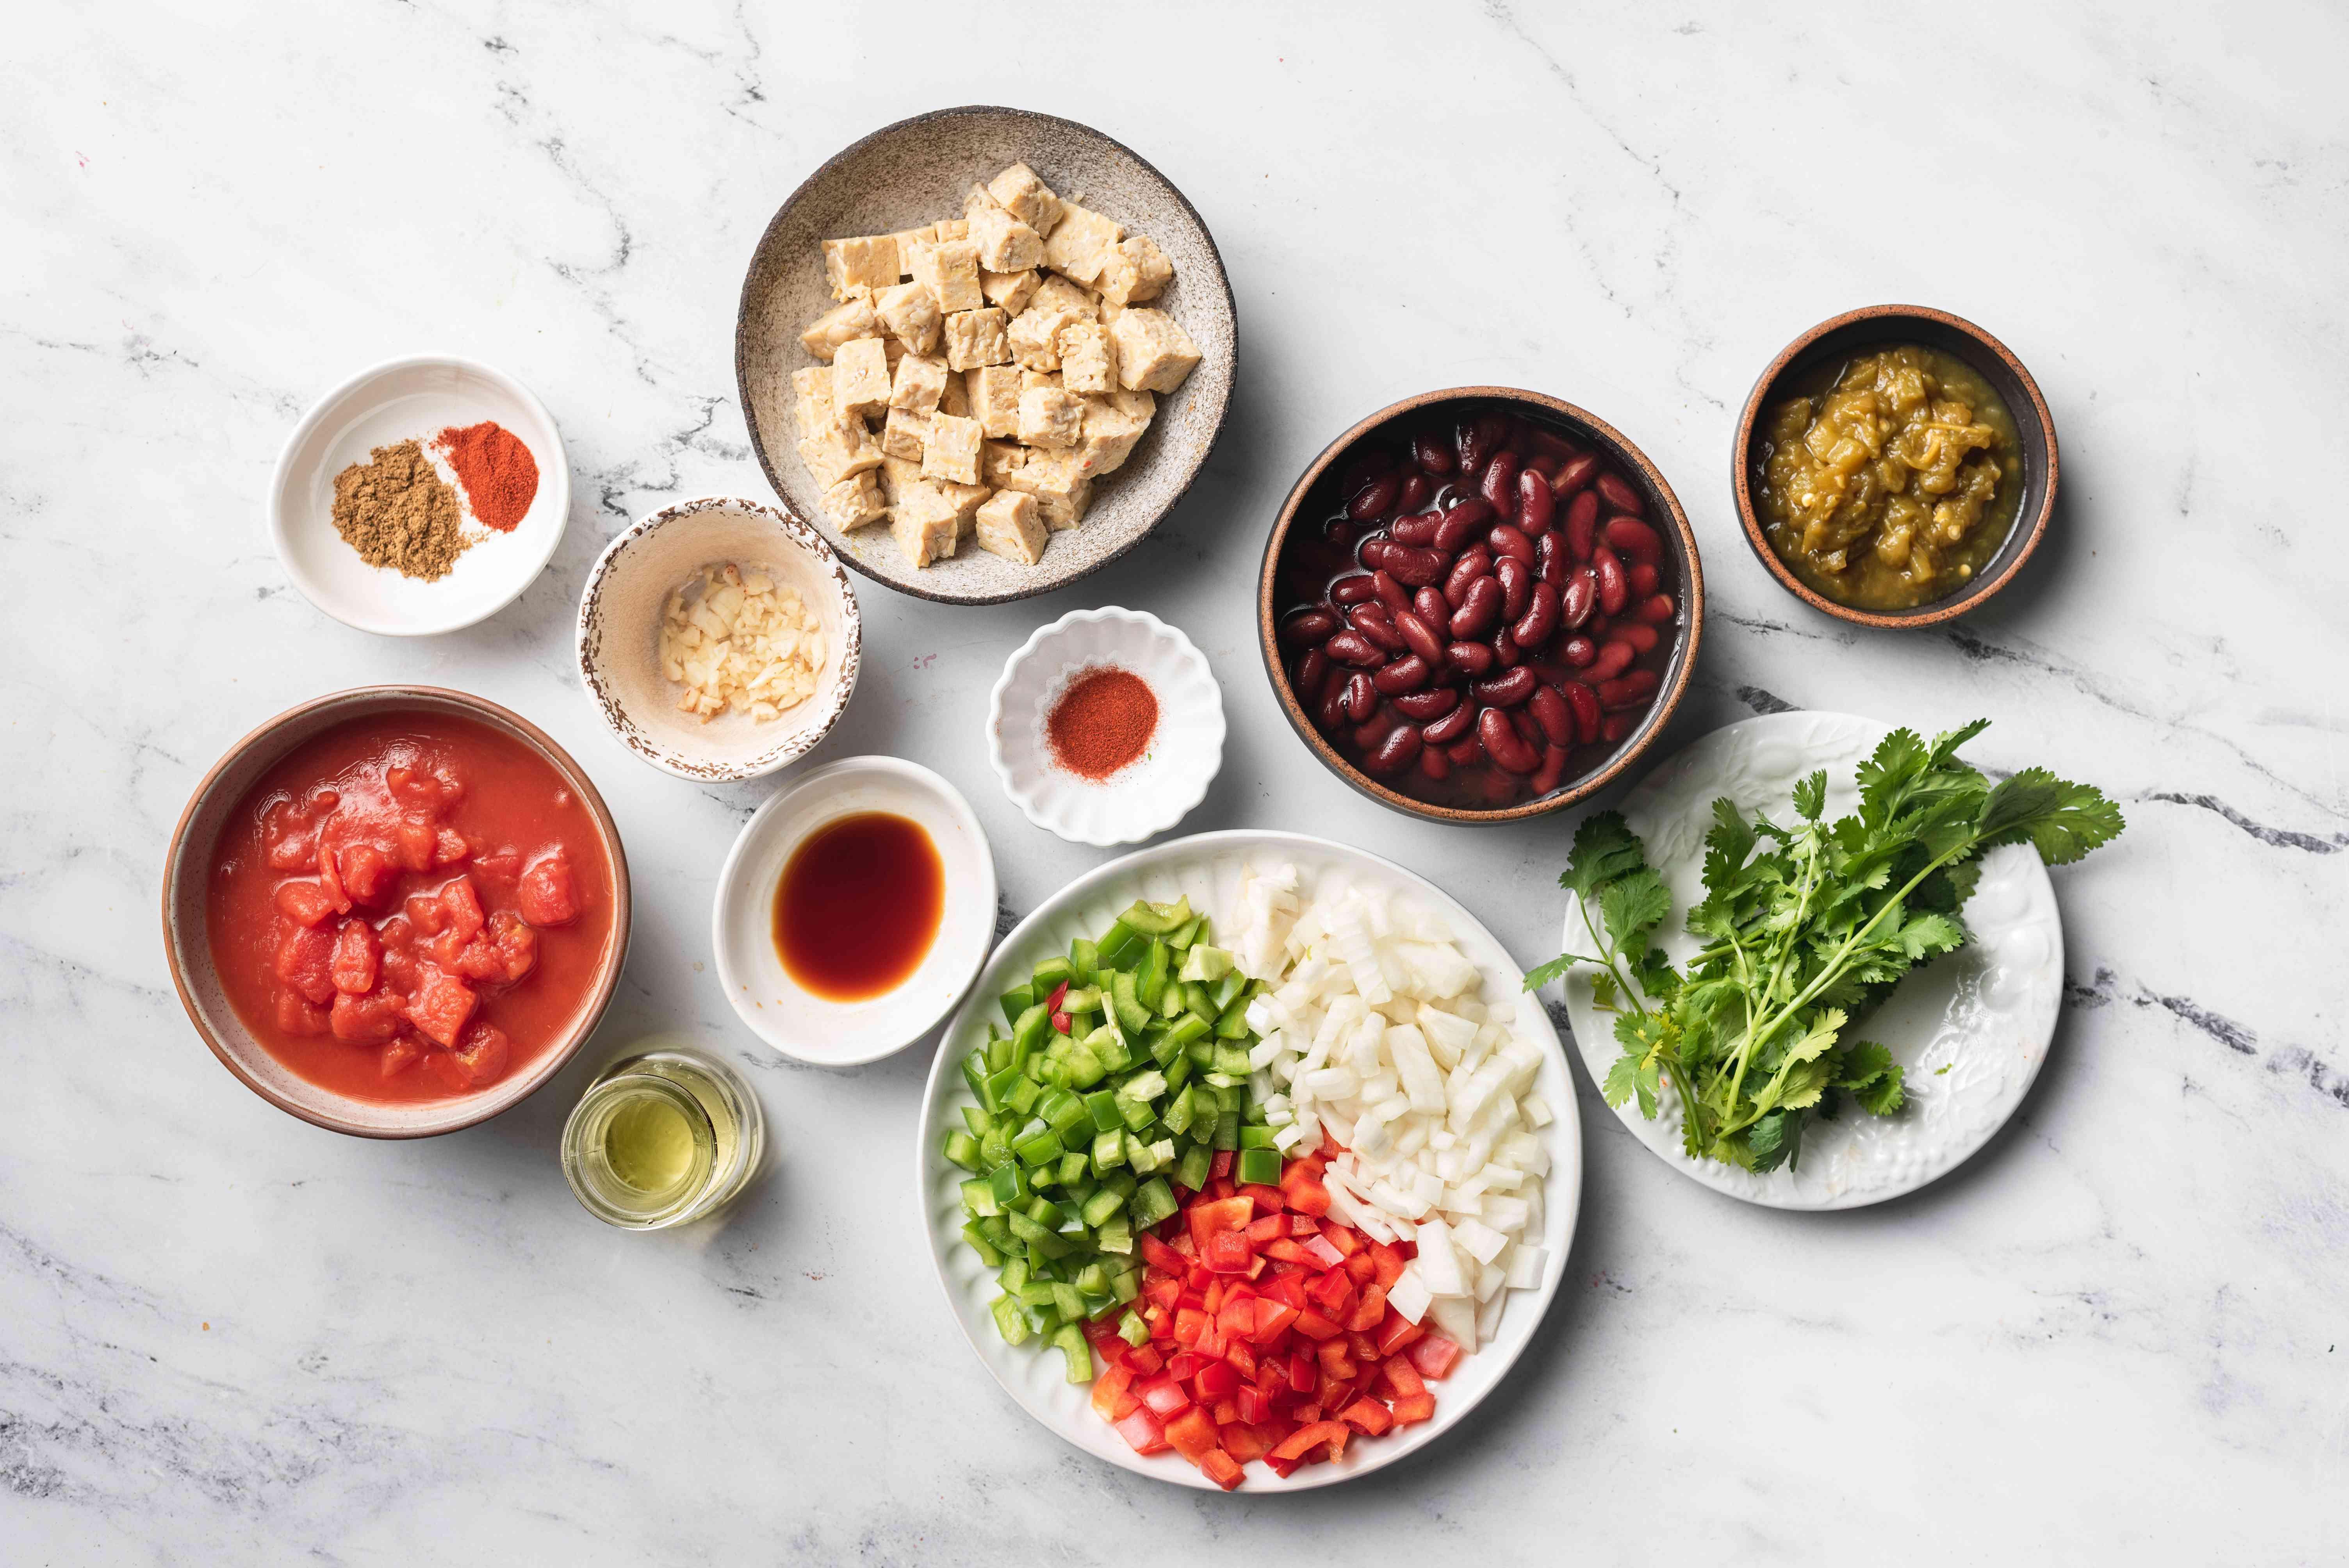 Vegan Tempeh Chili ingredients